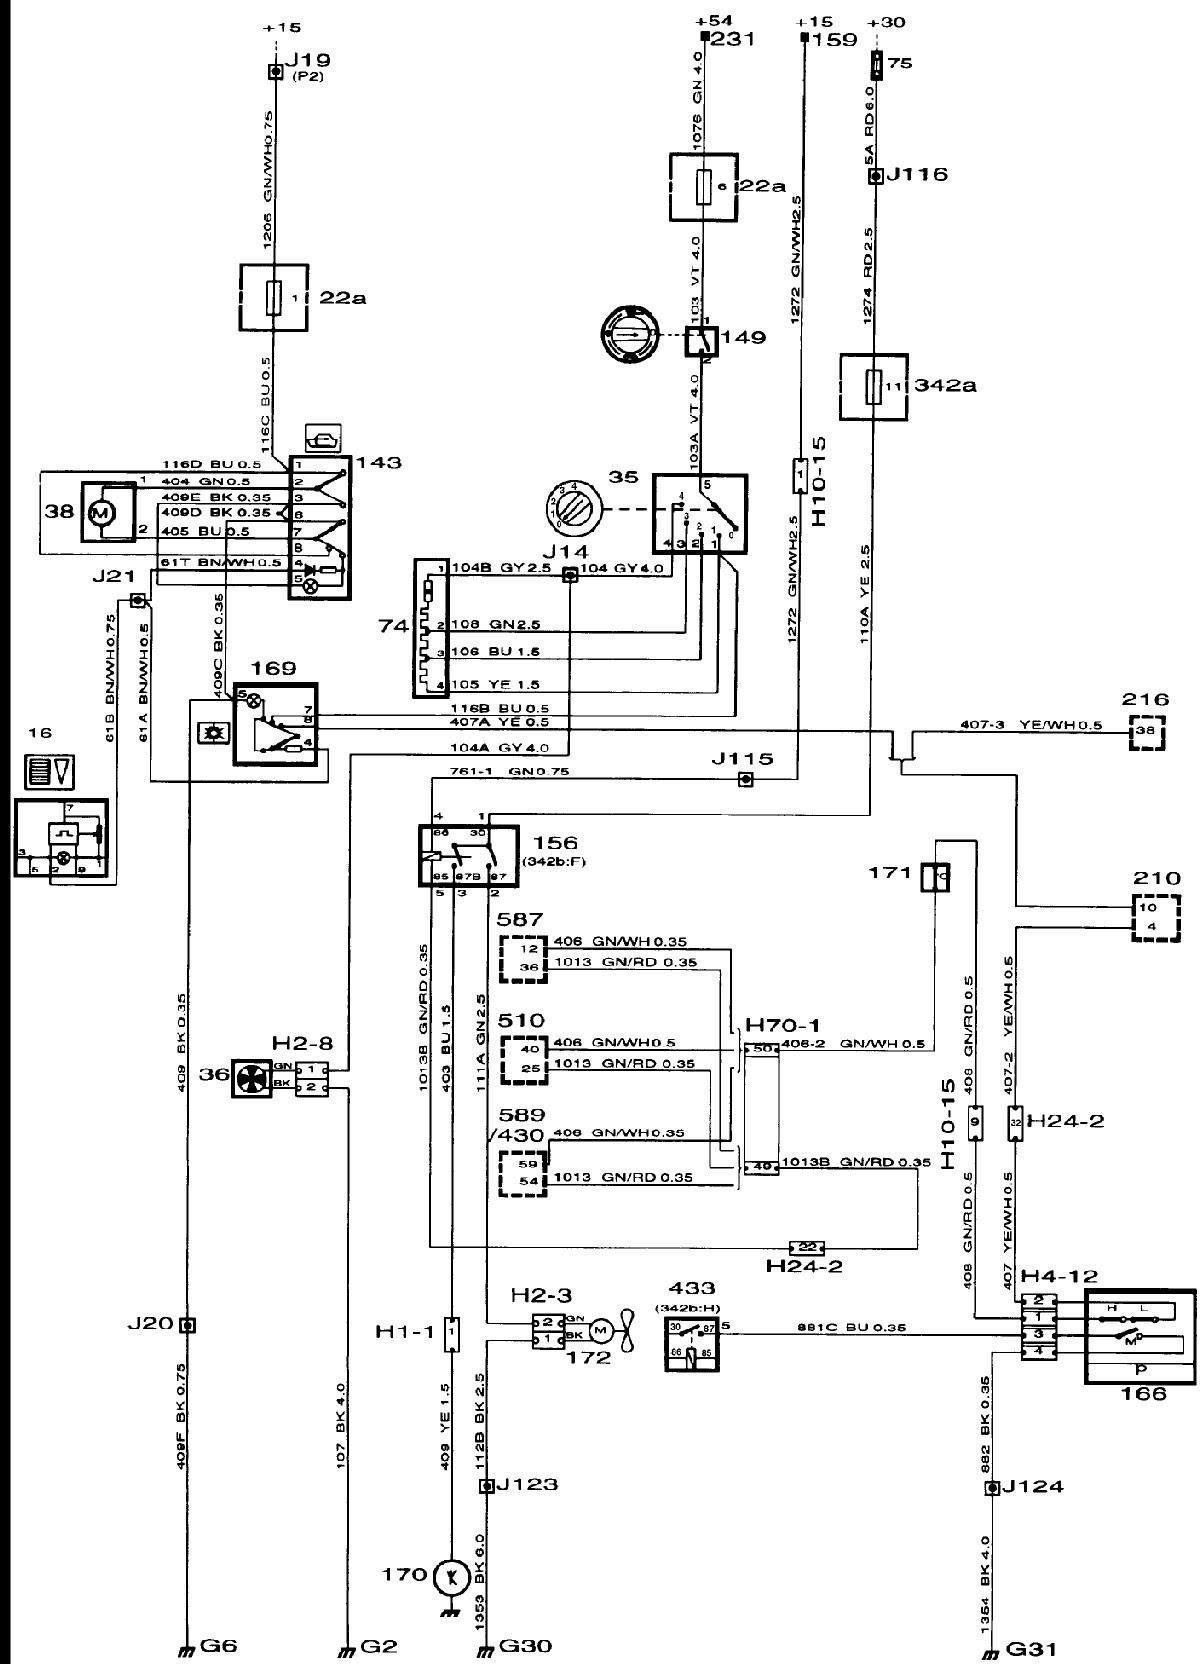 1970 Honda Ct 90 Wiring Diagram